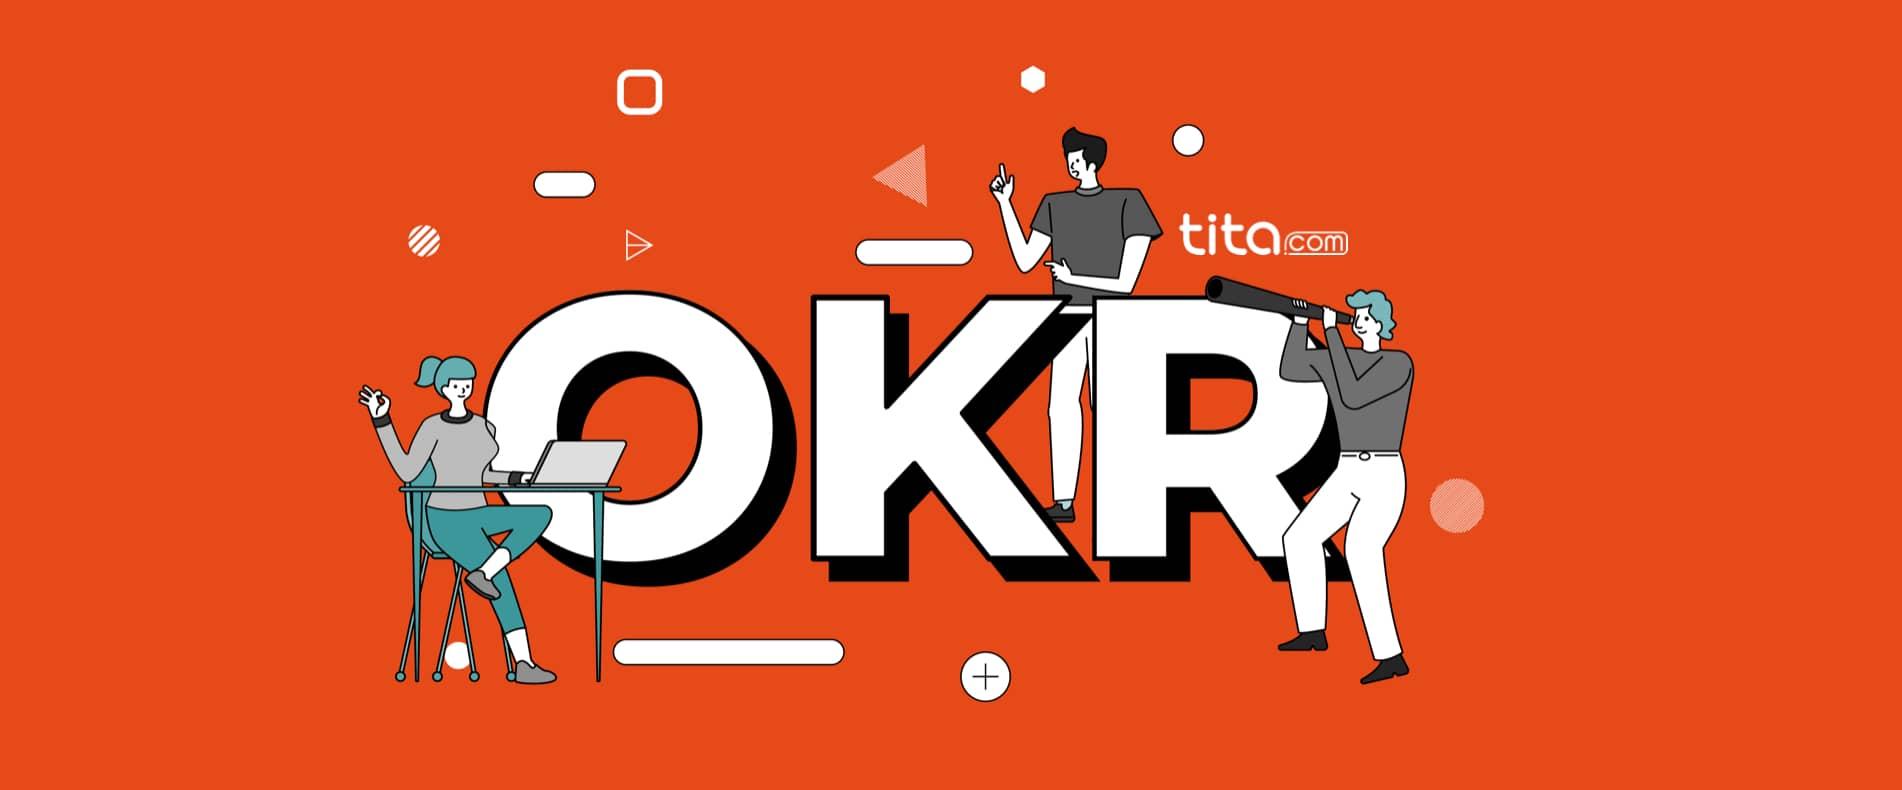 OKR教练技术:OKR周期管理模型